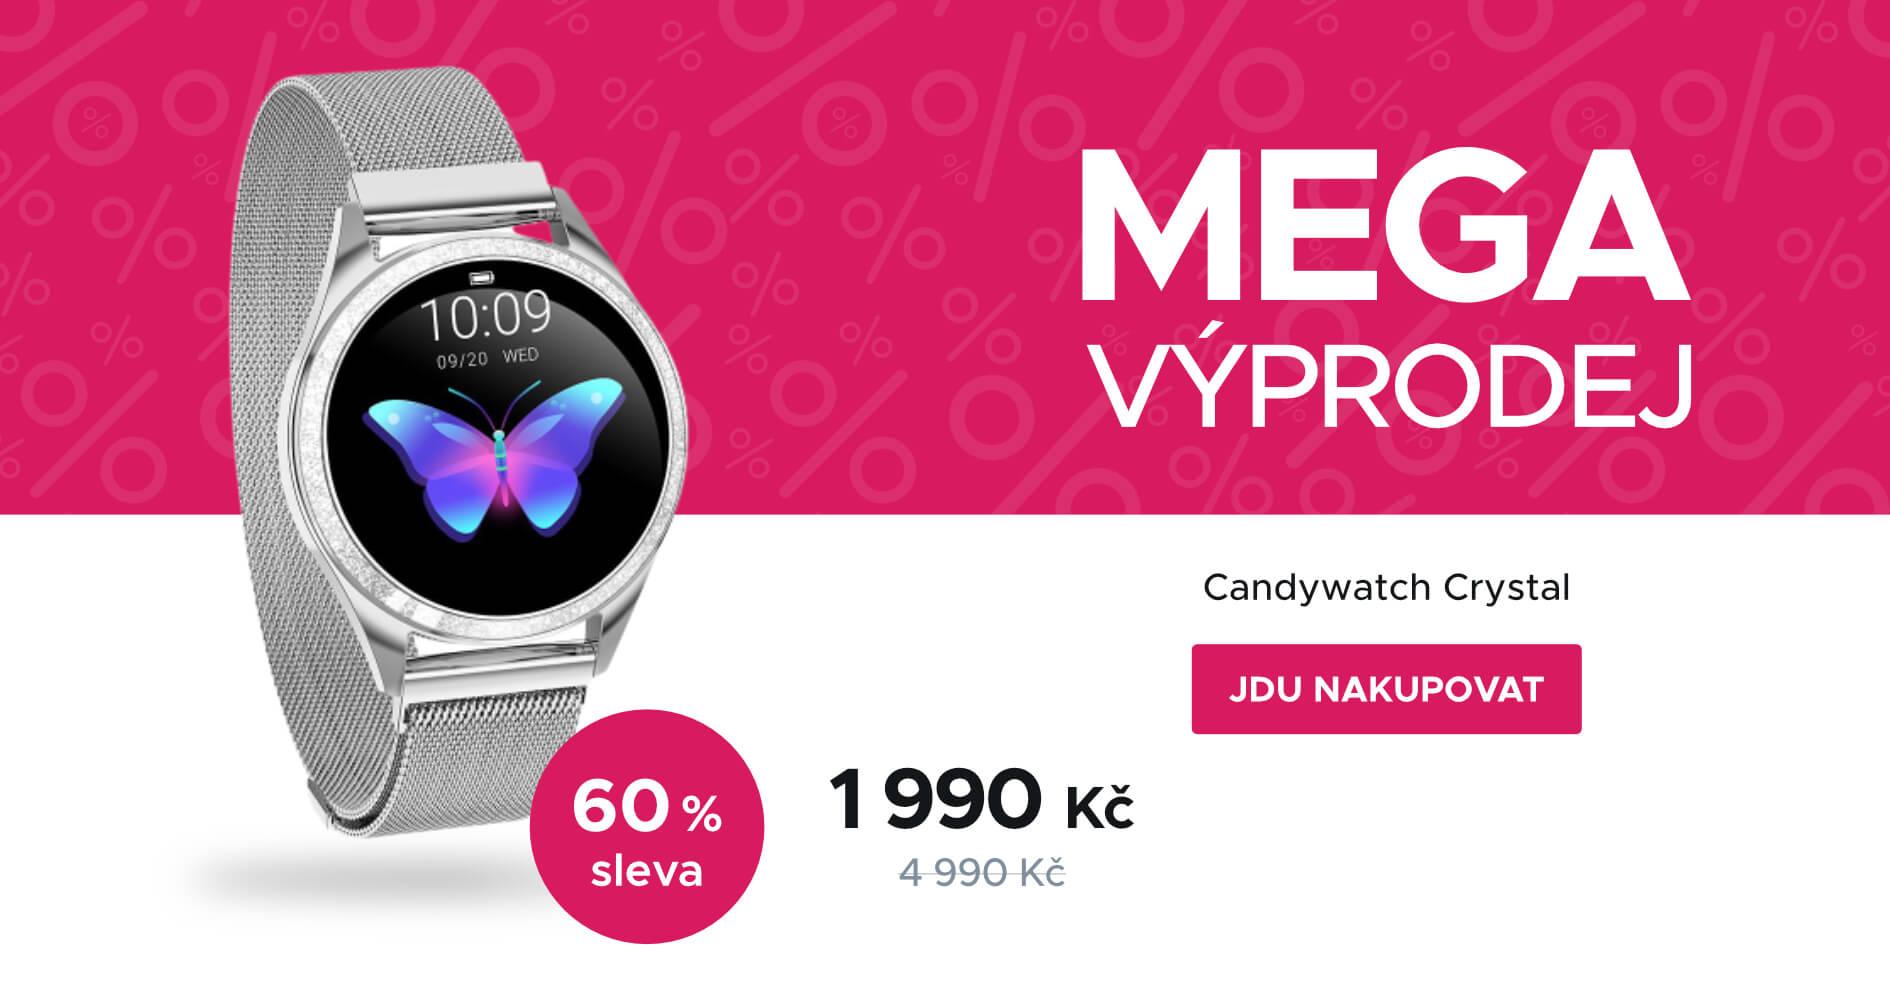 MEGA VÝPRODEJ: ARMODD Candywatch Crystal stříbrná